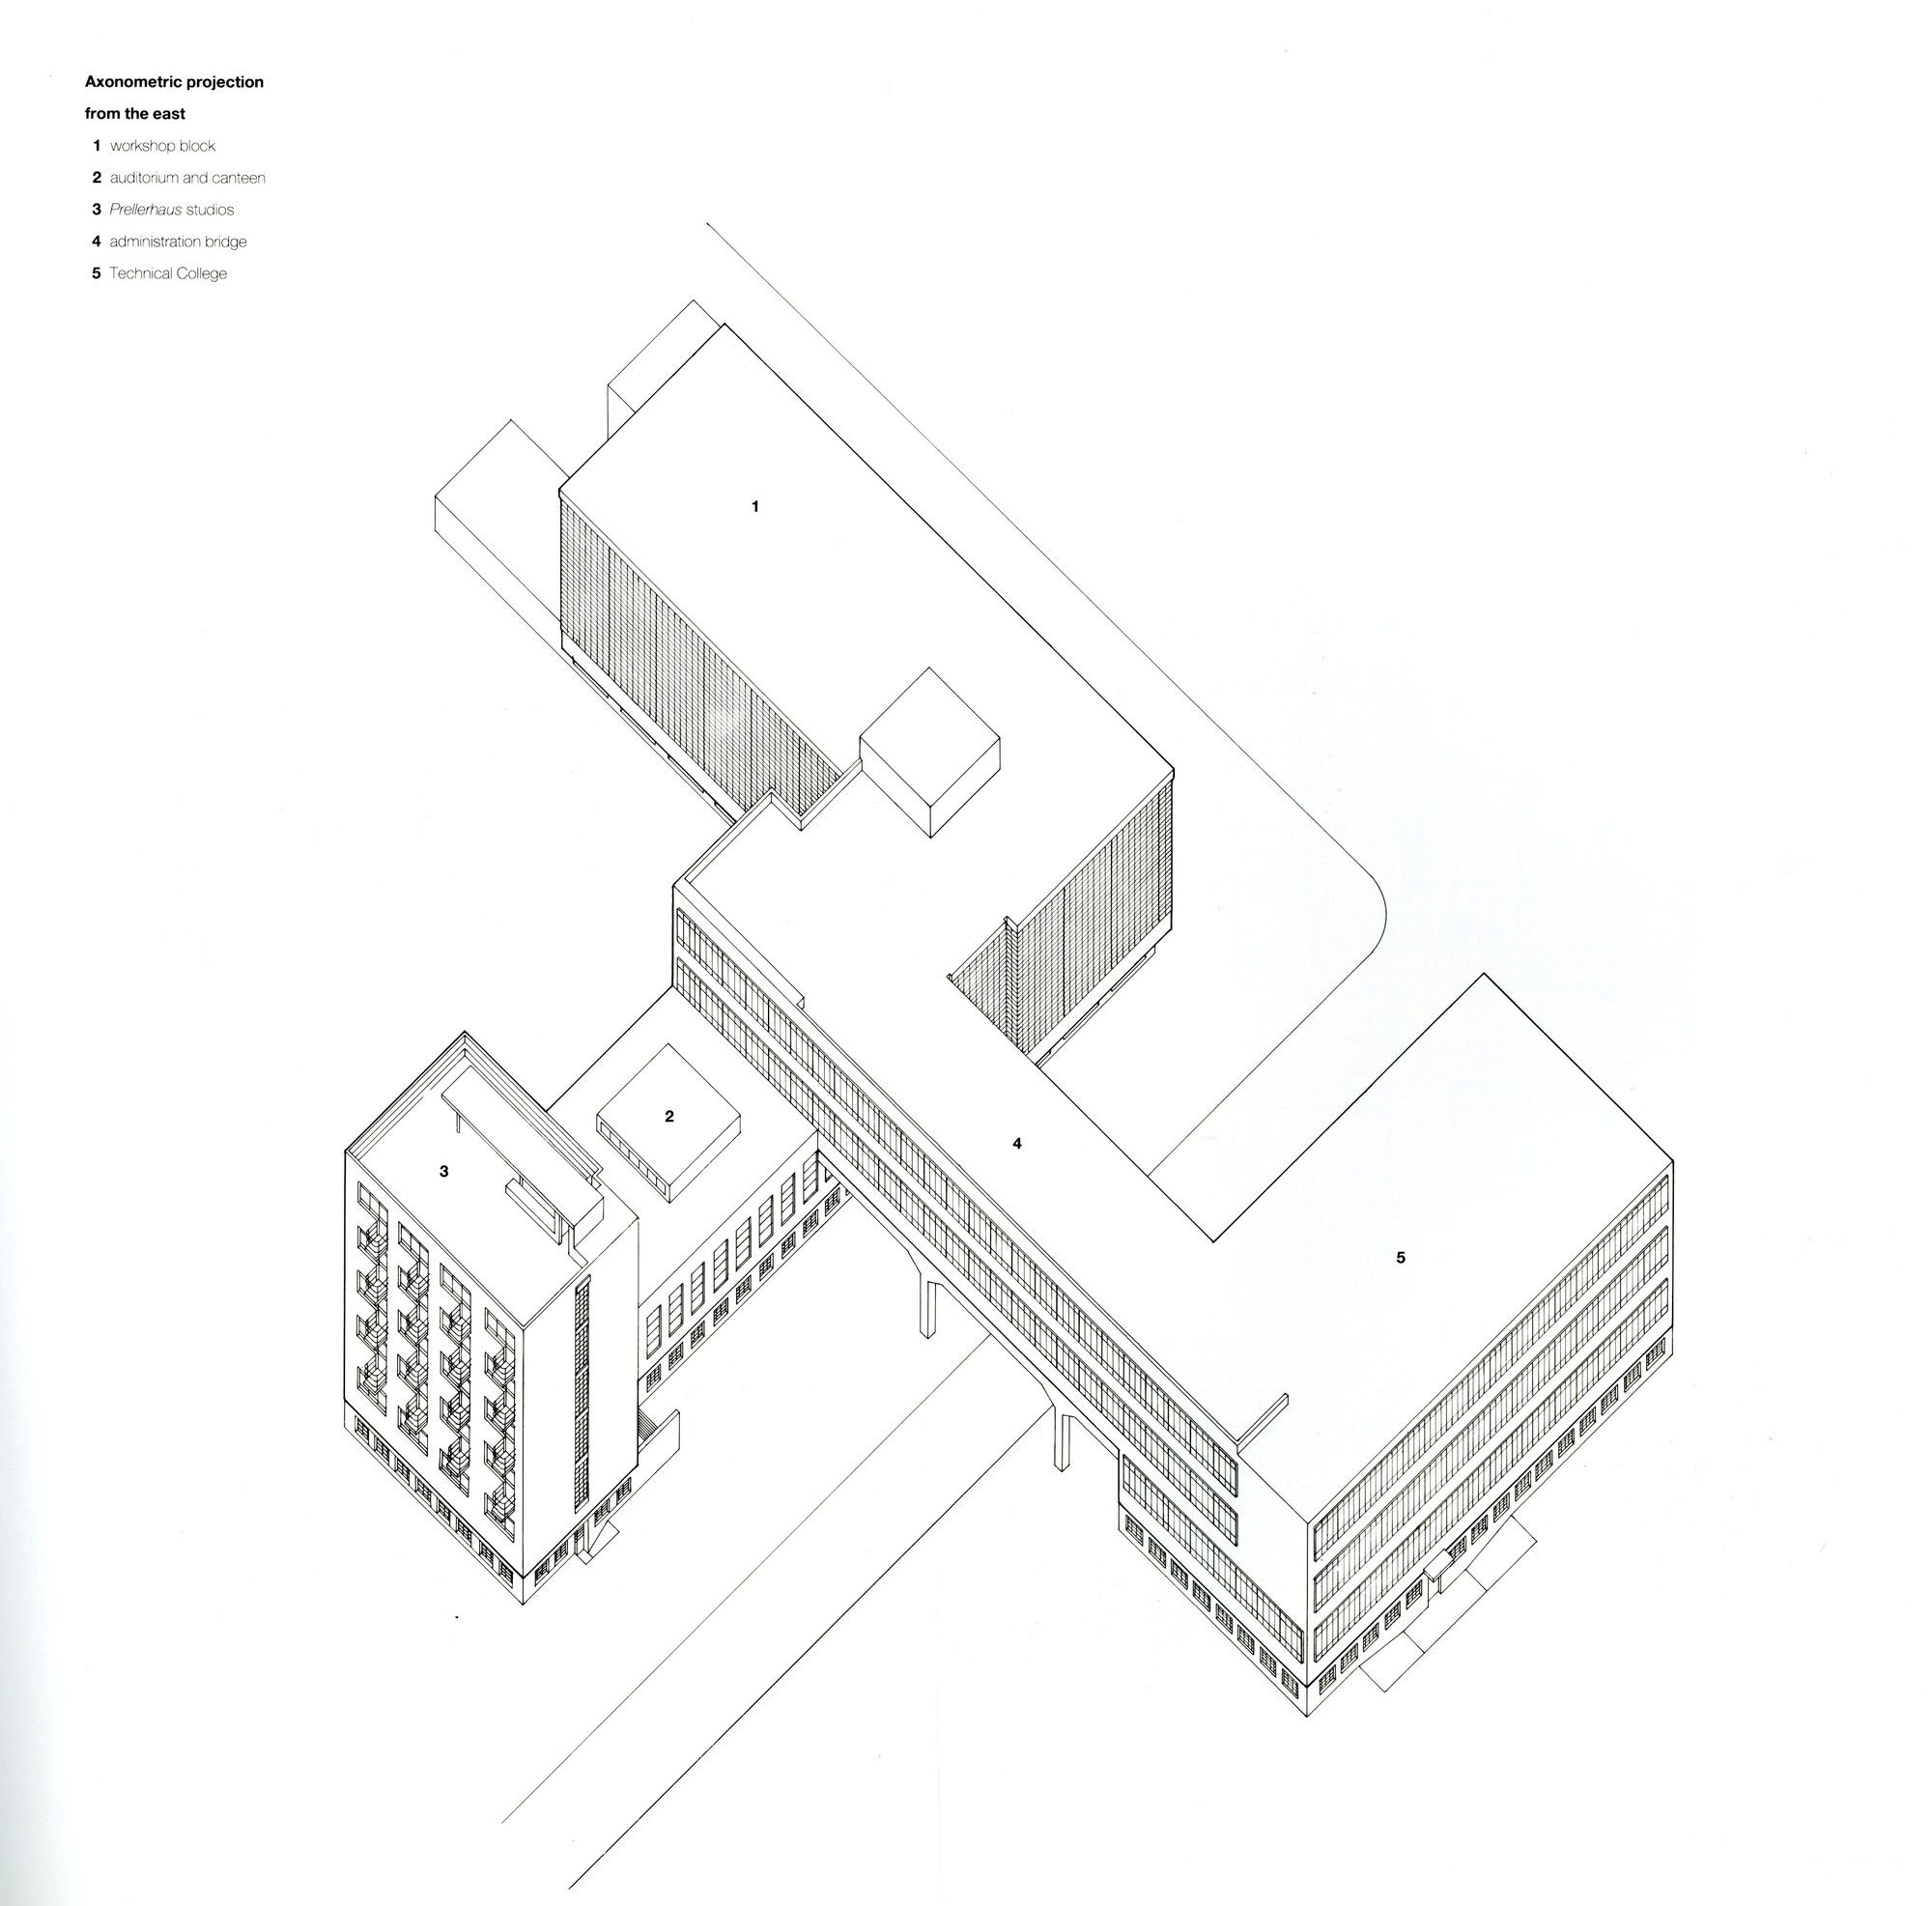 Gallery of AD Classics: Dessau Bauhaus / Walter Gropius